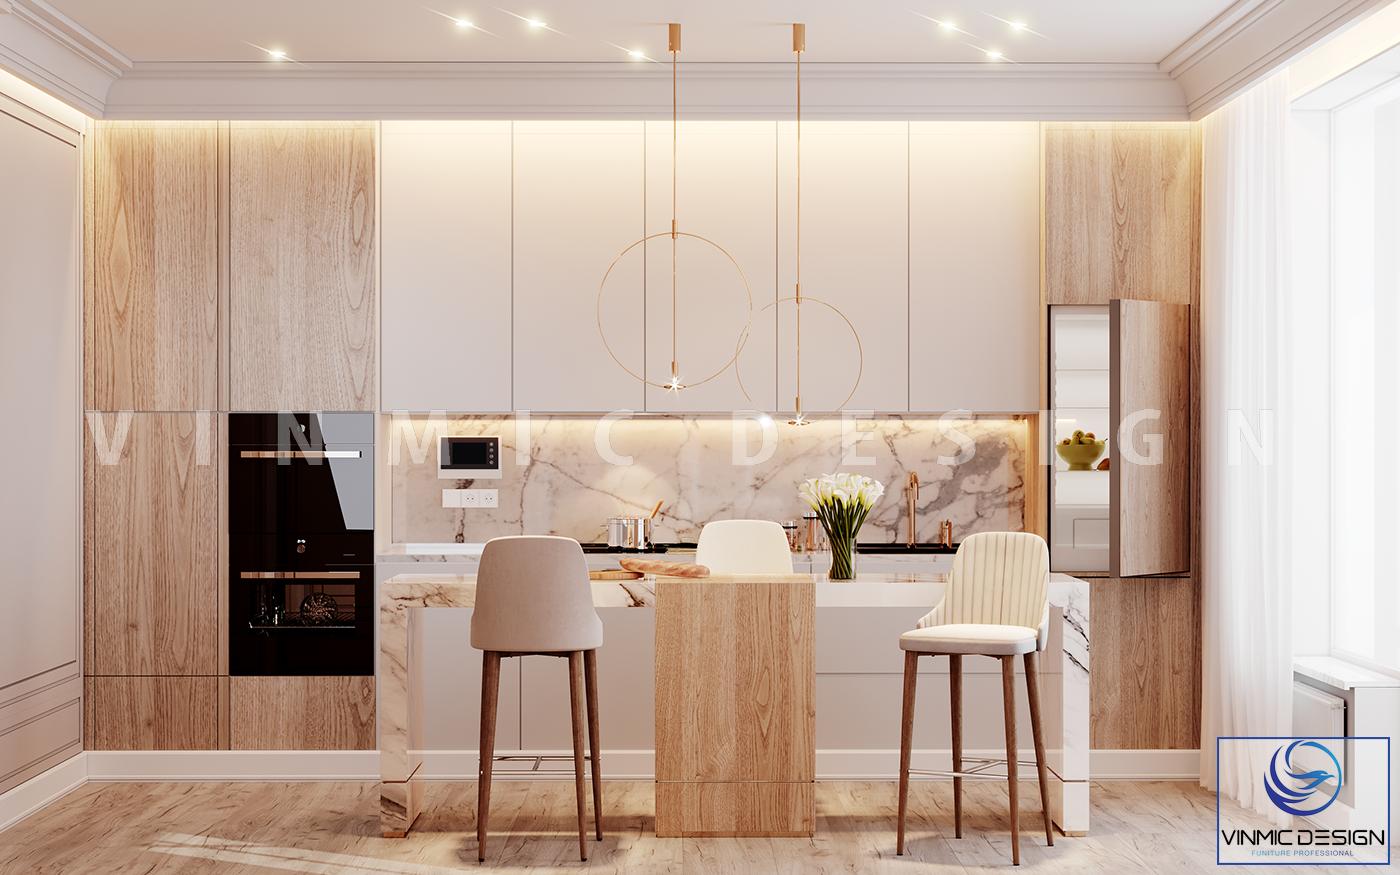 Thiết kế nội thất phòng bếp tân cổ điển cho chung cư đẹp